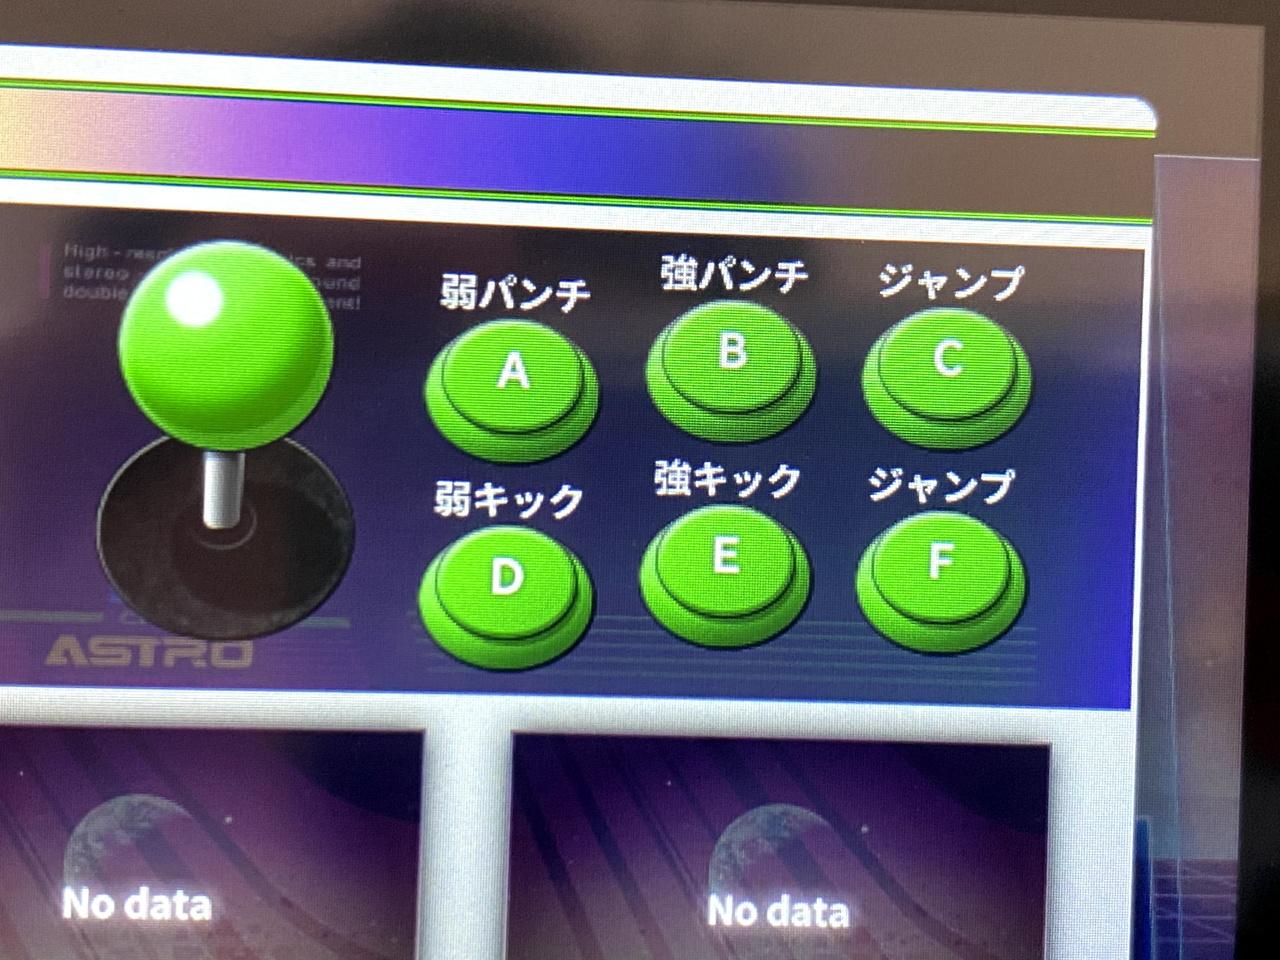 アストロシティミニのダークエッジのボタン配置